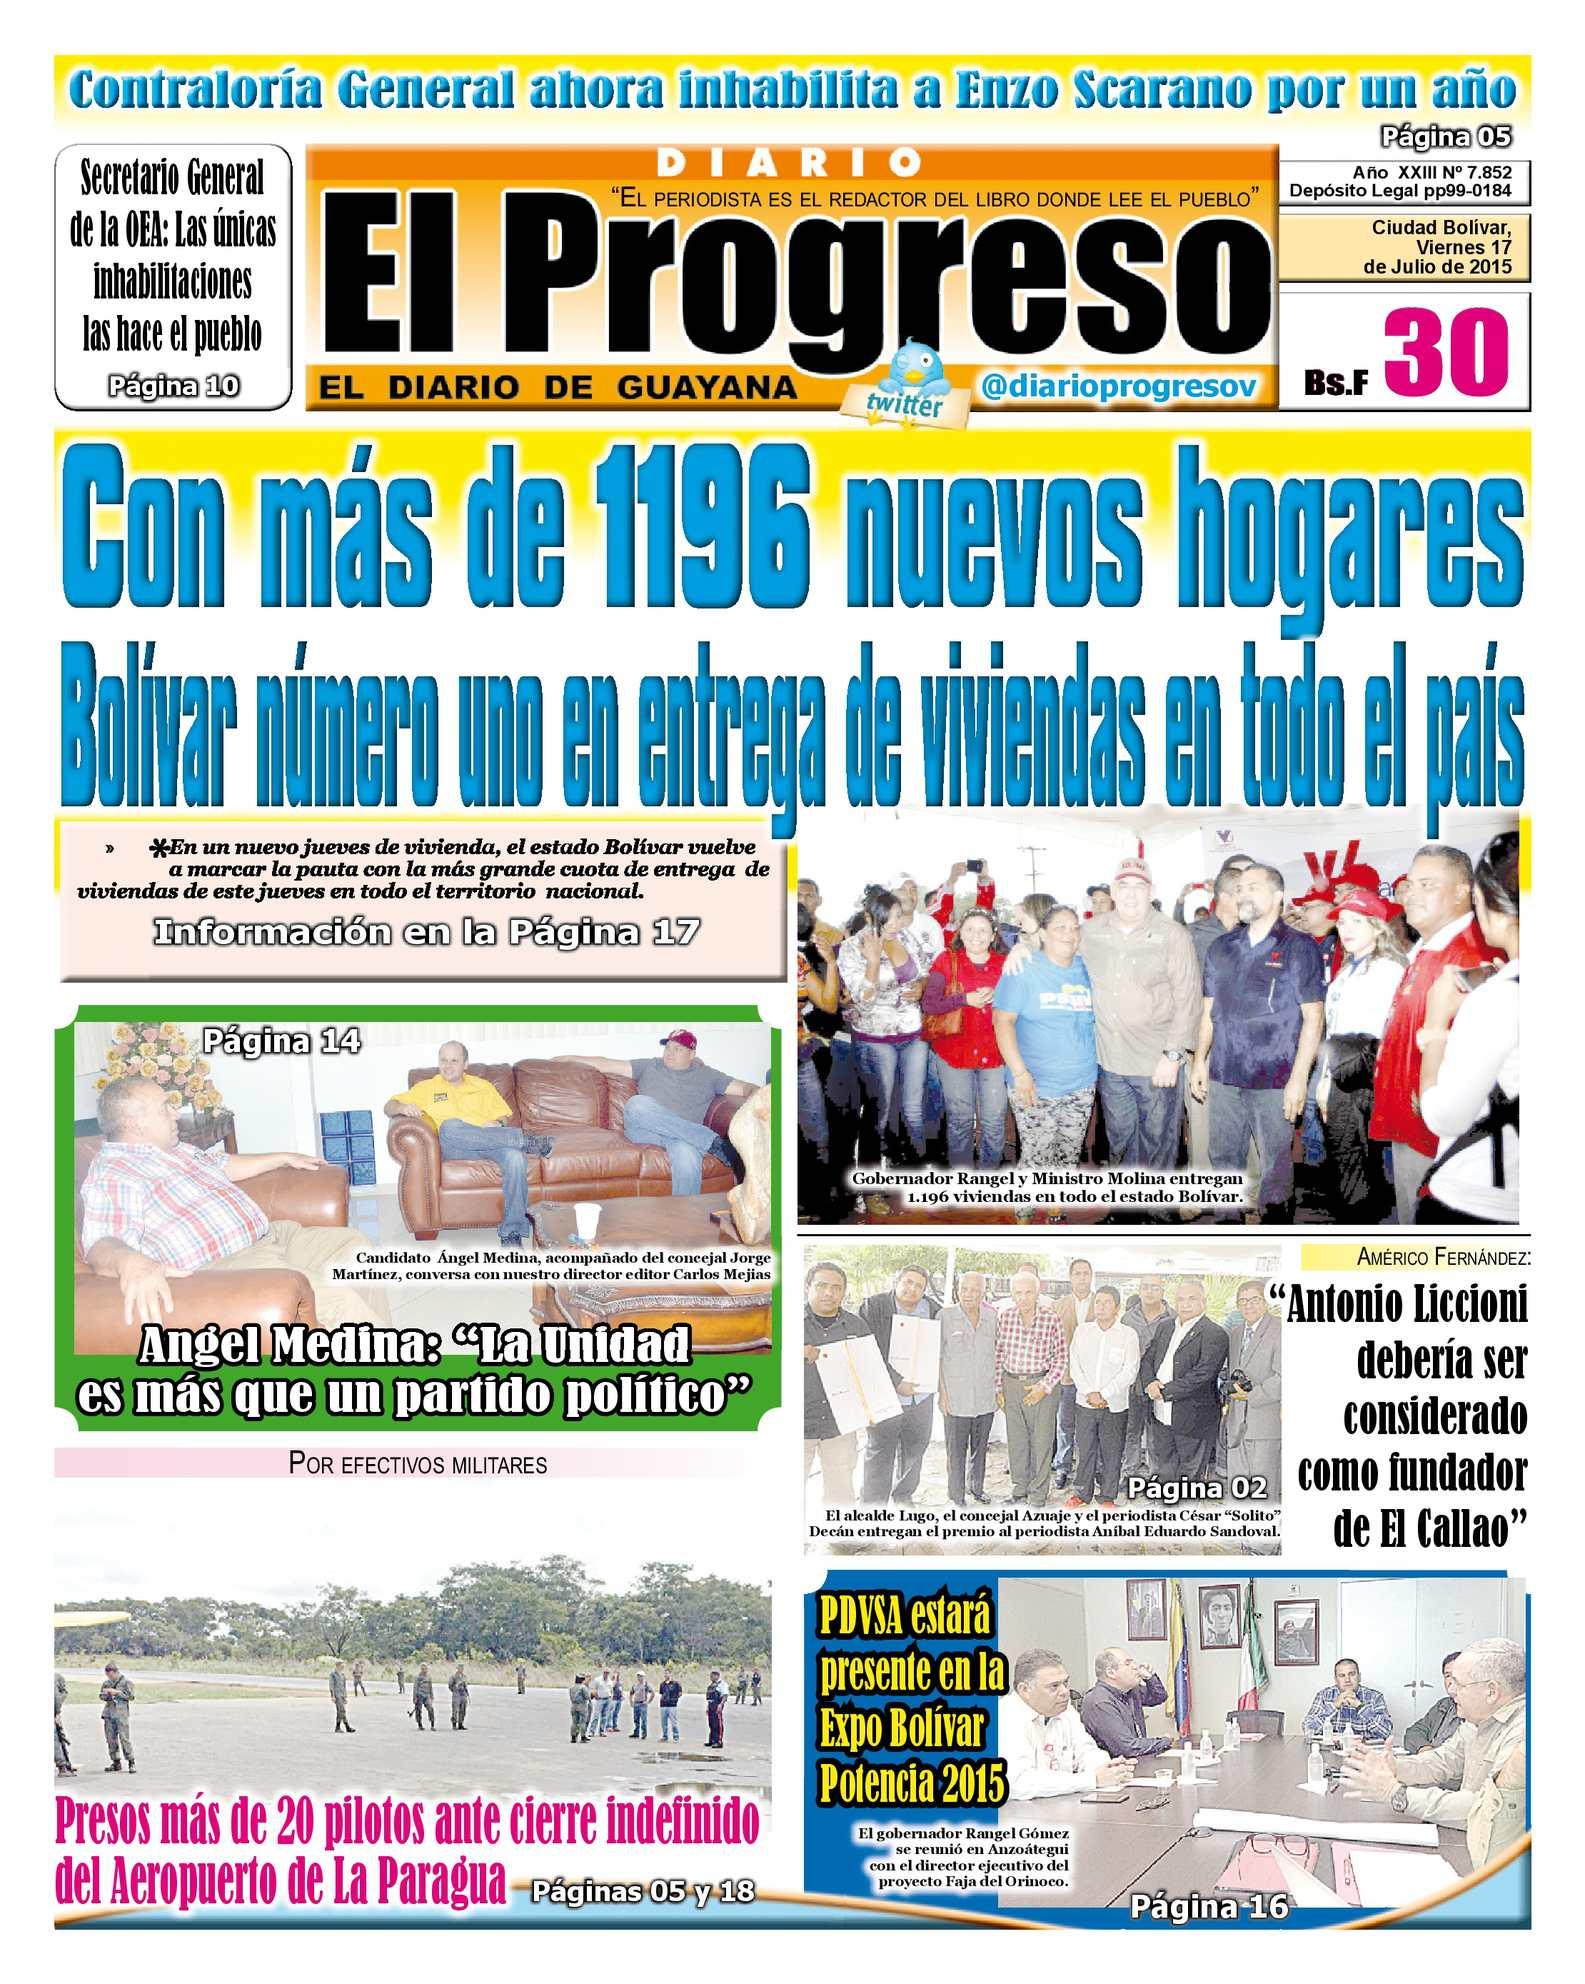 Calaméo - DiarioelprogresoEDICIÓNDIGITAL 17-07-2015